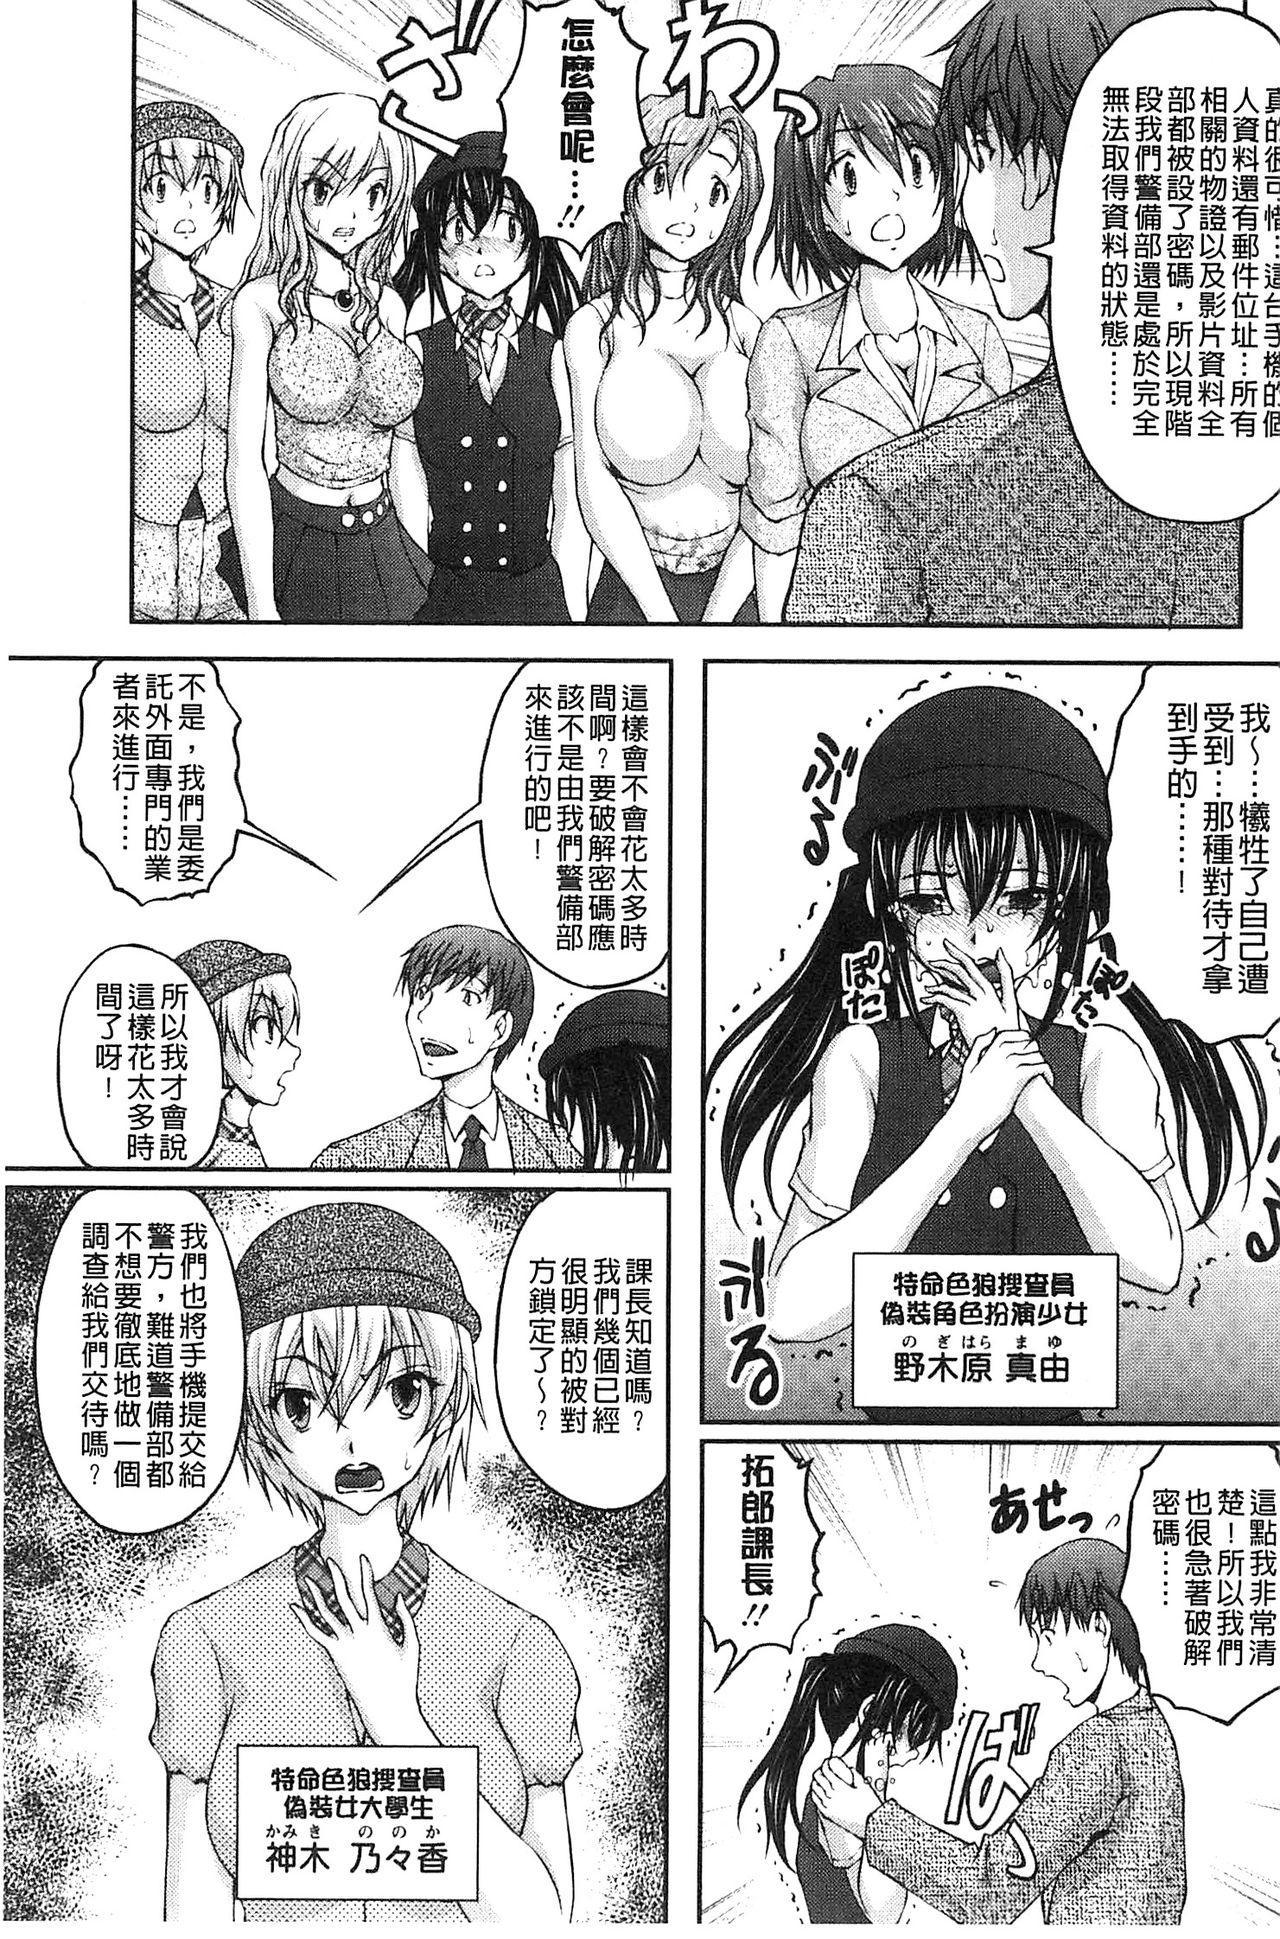 Tokumei Chikan Otori Sousahan | 特命痴漢誘捕的搜查班 105